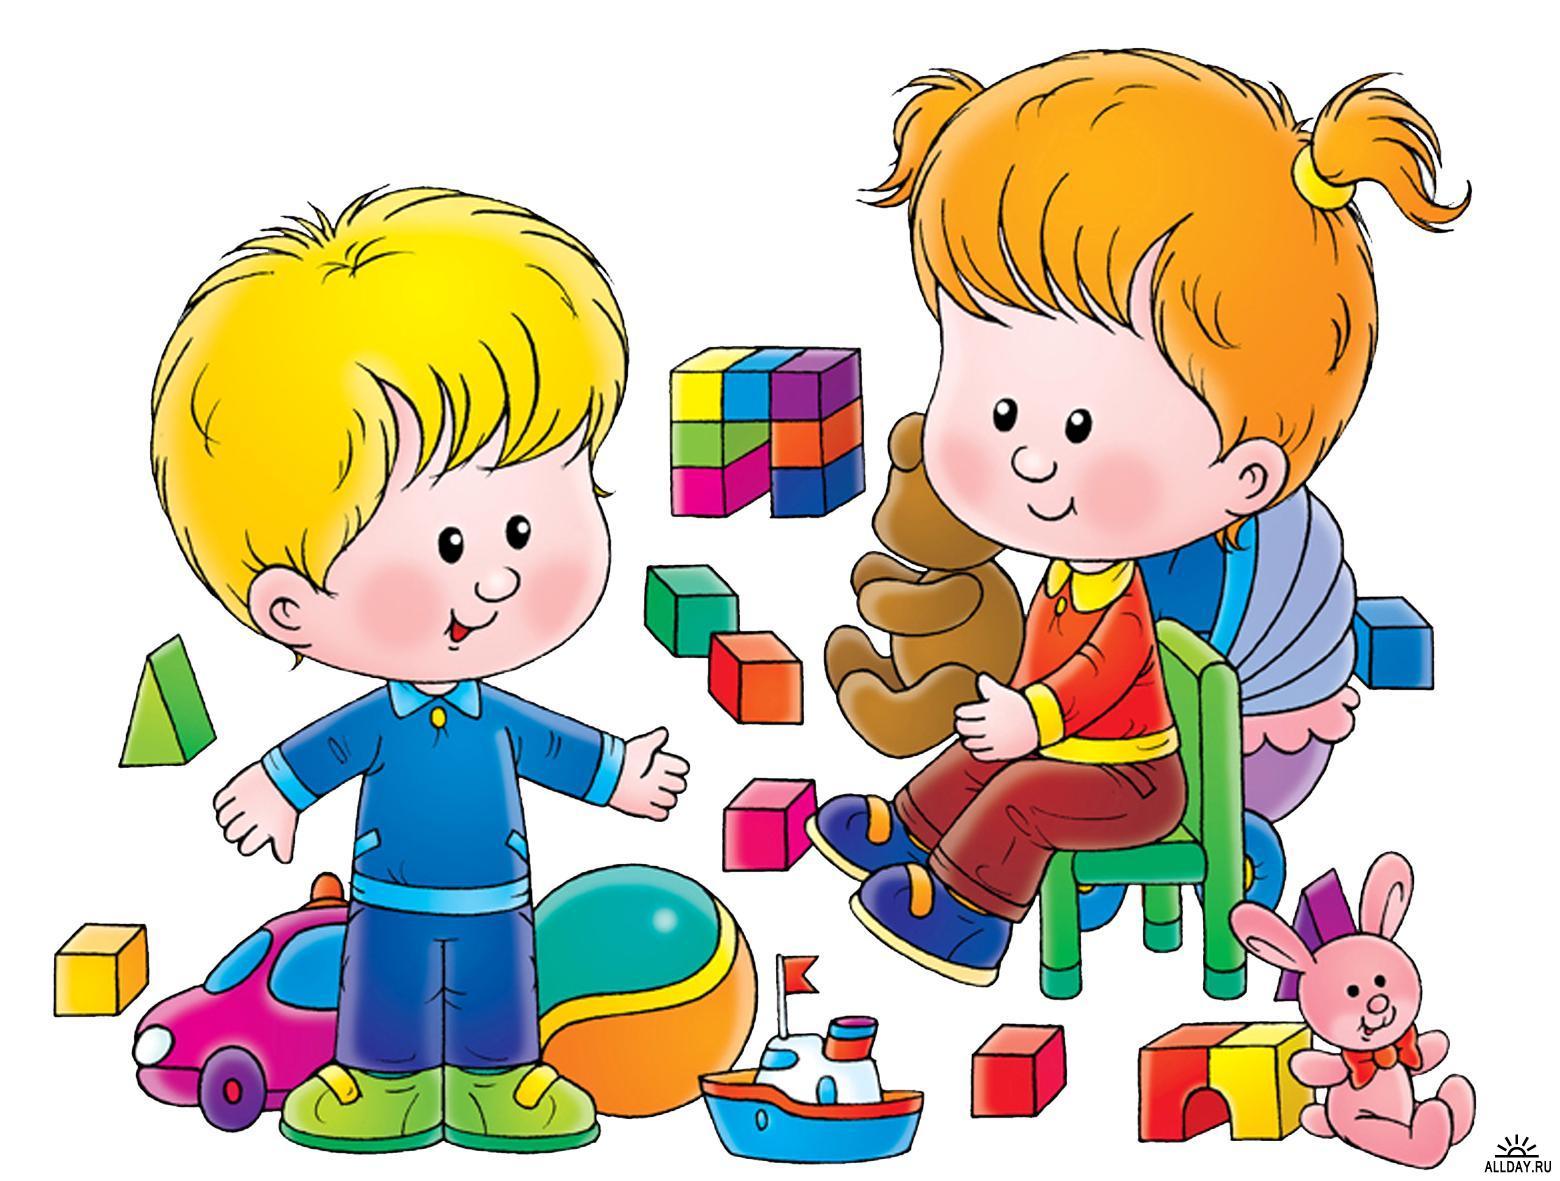 Сюжетно-ролевая игра как средство развития воображения детей в детском саду ролевая игра демоно-колледж